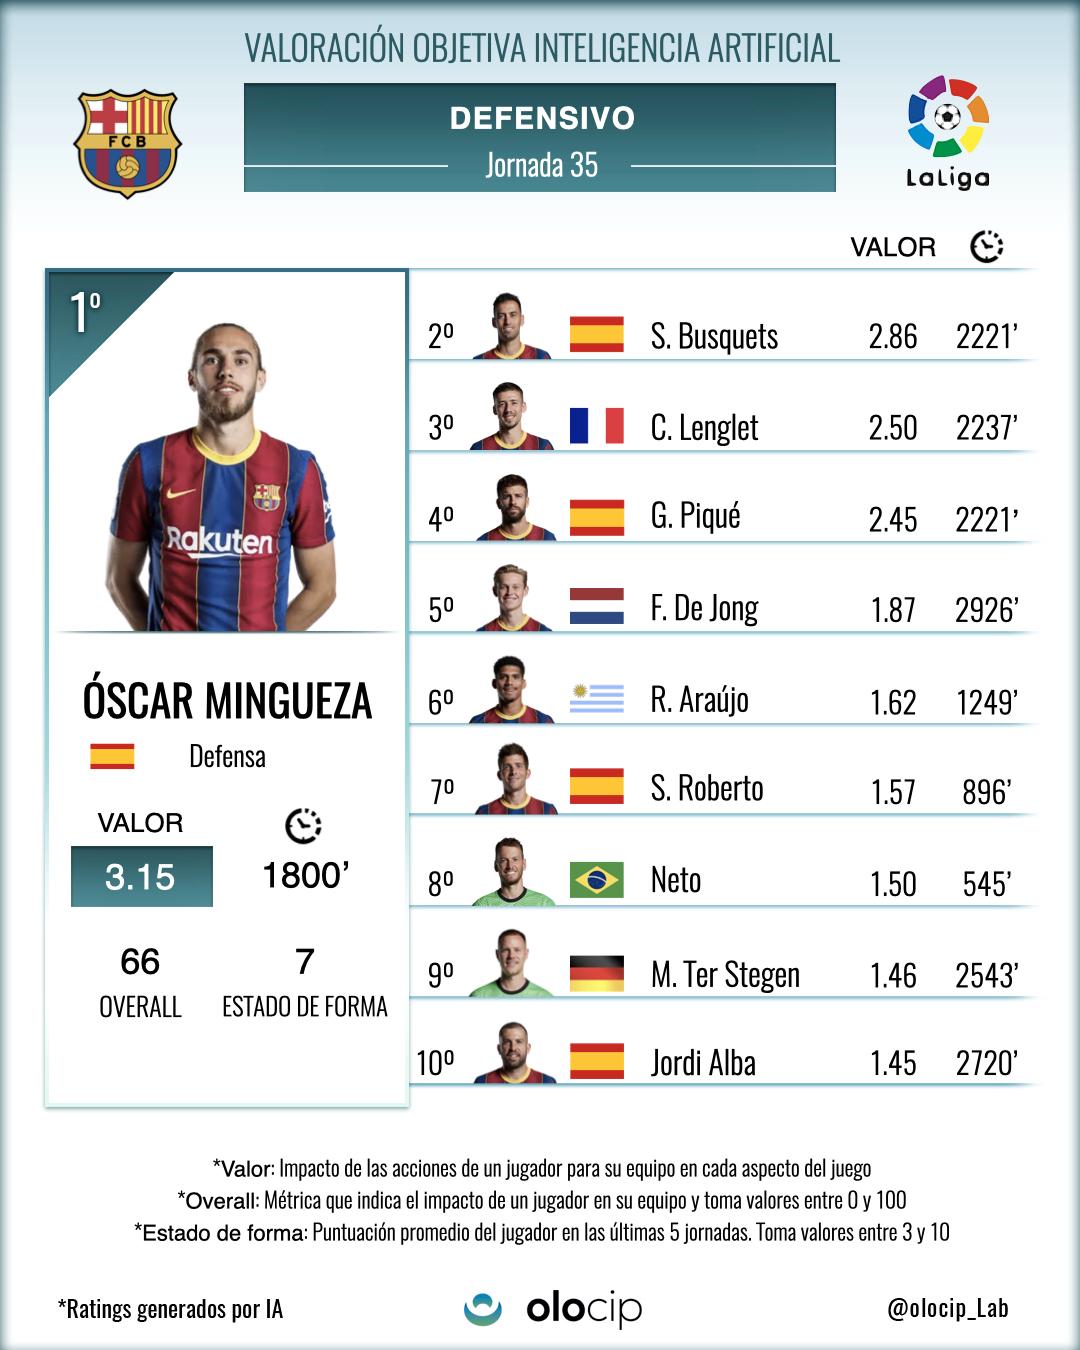 *Top 10 de jugadores del FCB que más valor han aportado a su equipo con acciones defensivas